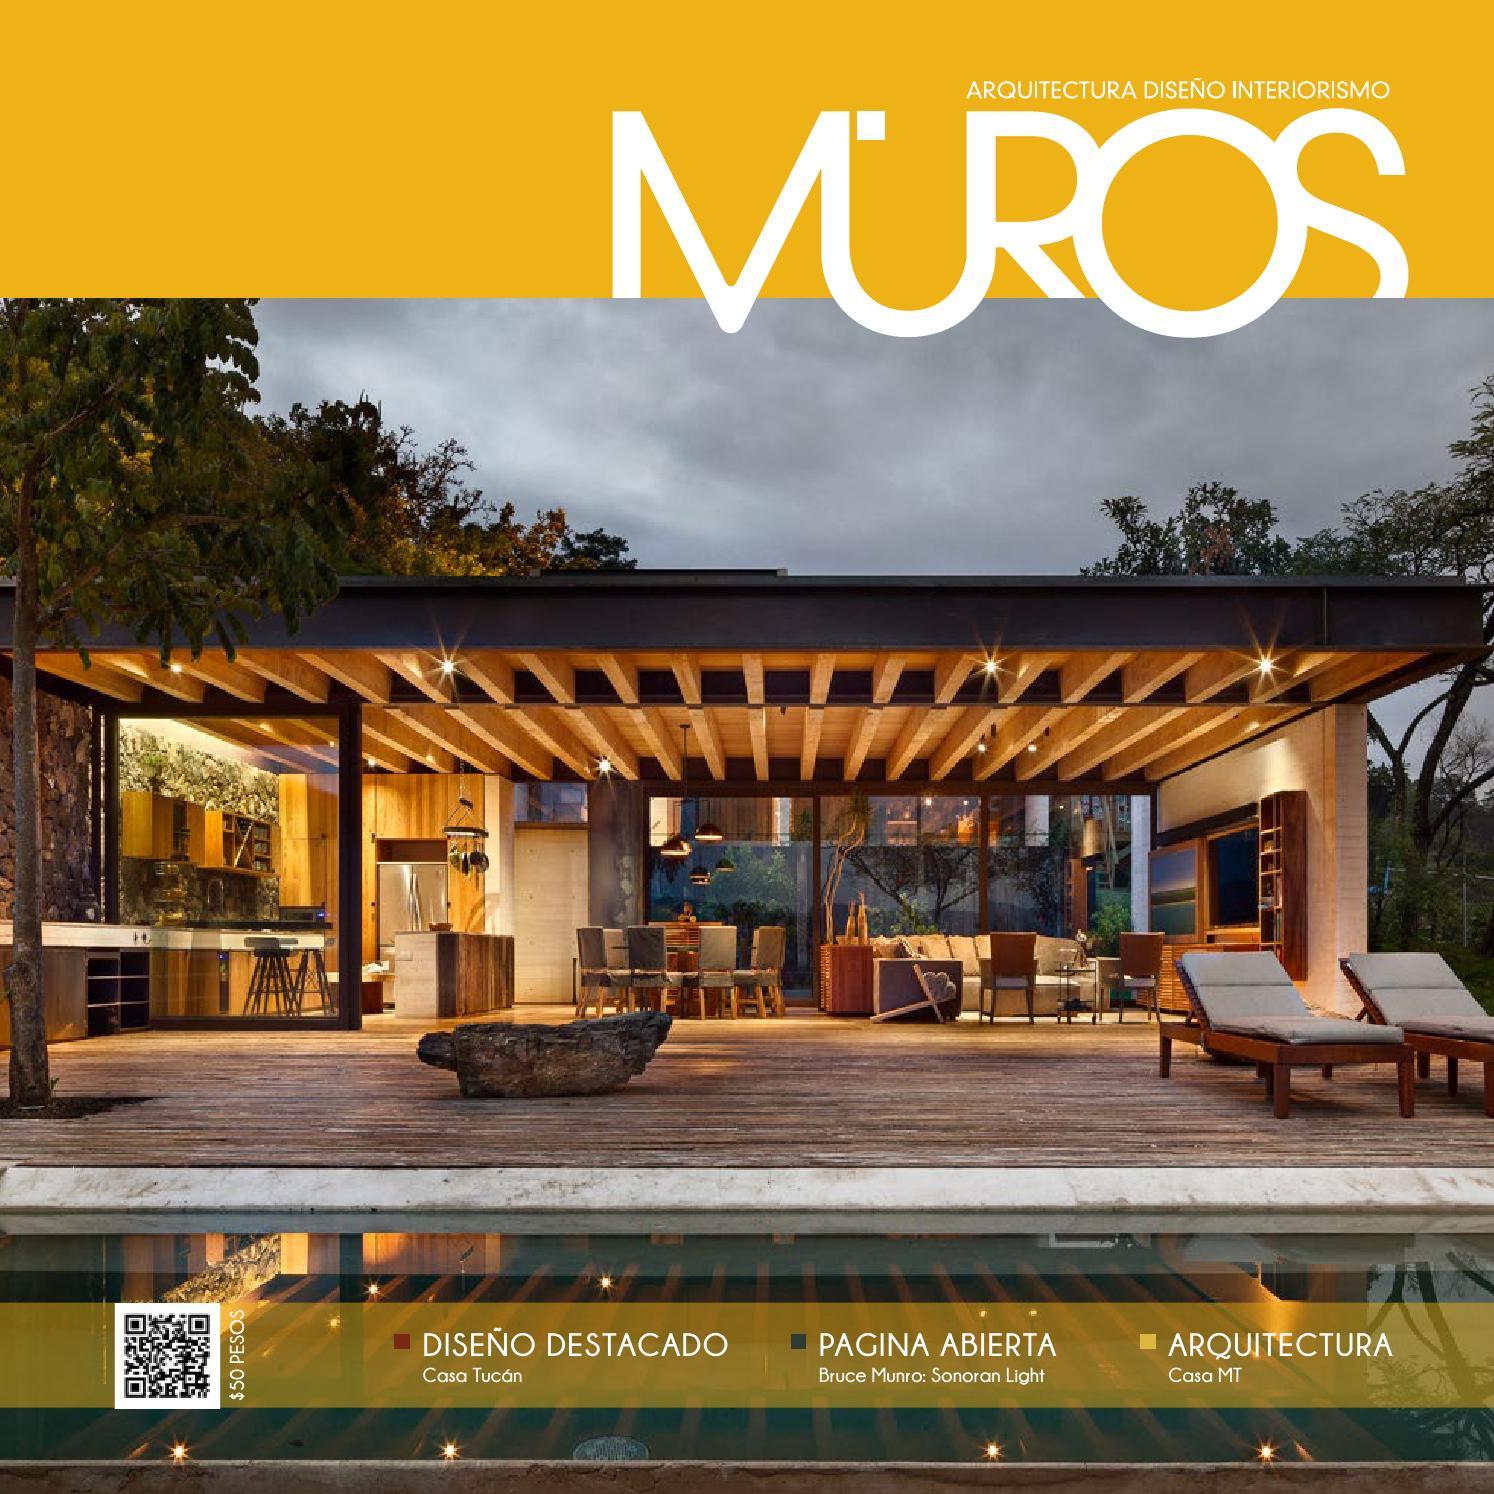 Edici n 22 revista muros arquitectura dise o for Revista habitat arquitectura diseno interiorismo